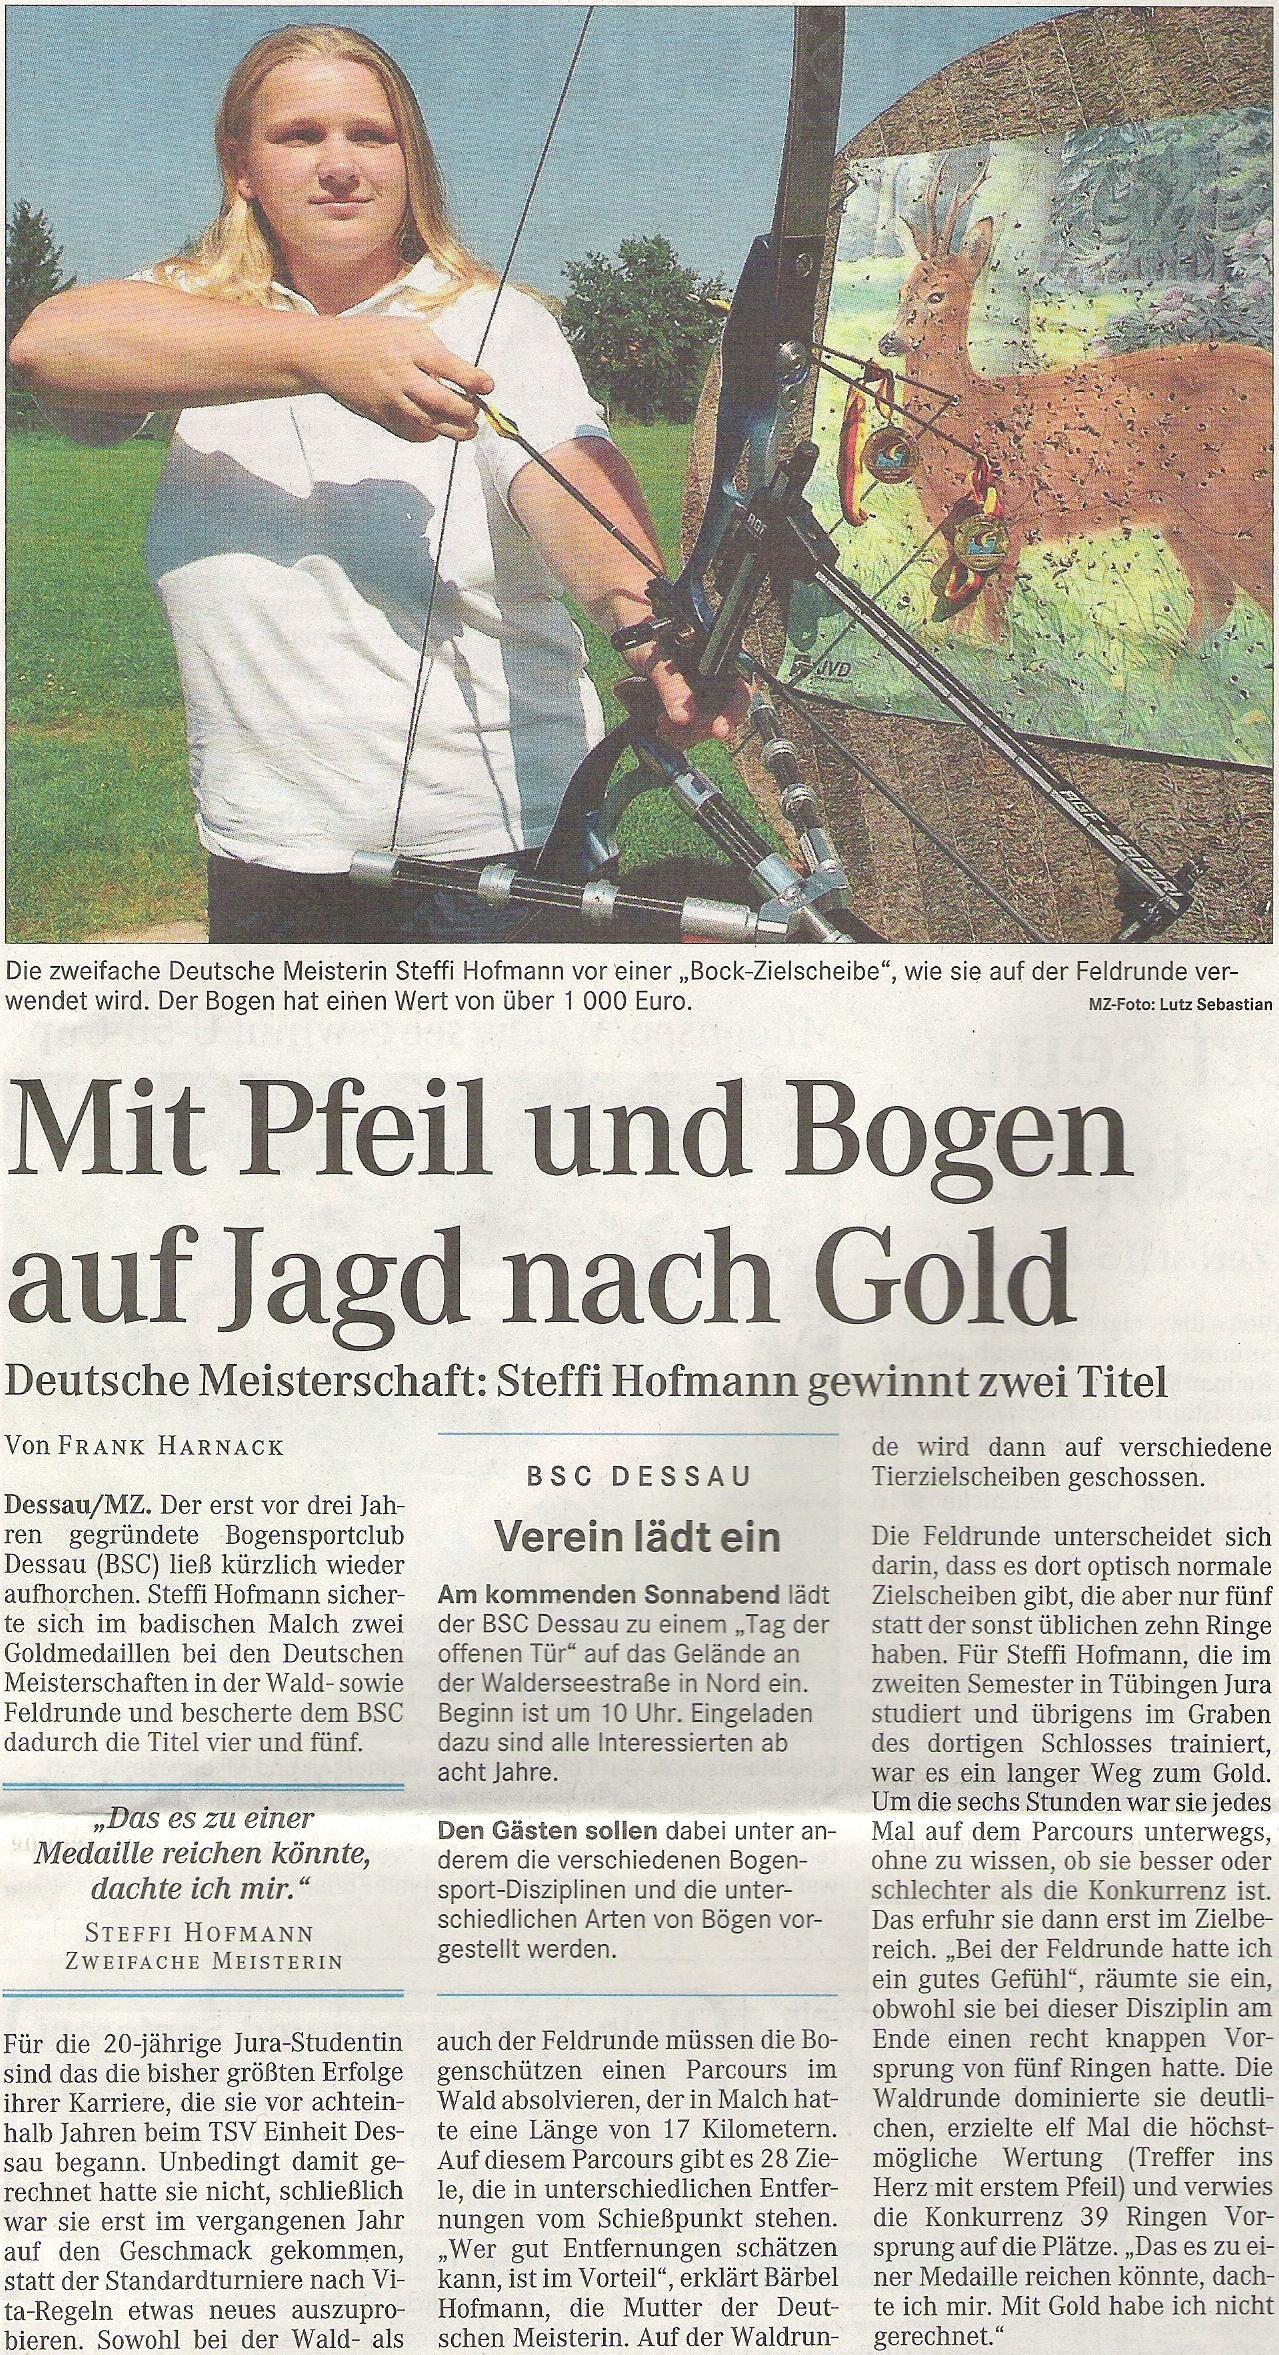 DM Feld / Wald in Malsch – Mitteldeutsche Zeitung vom 23.08.2005